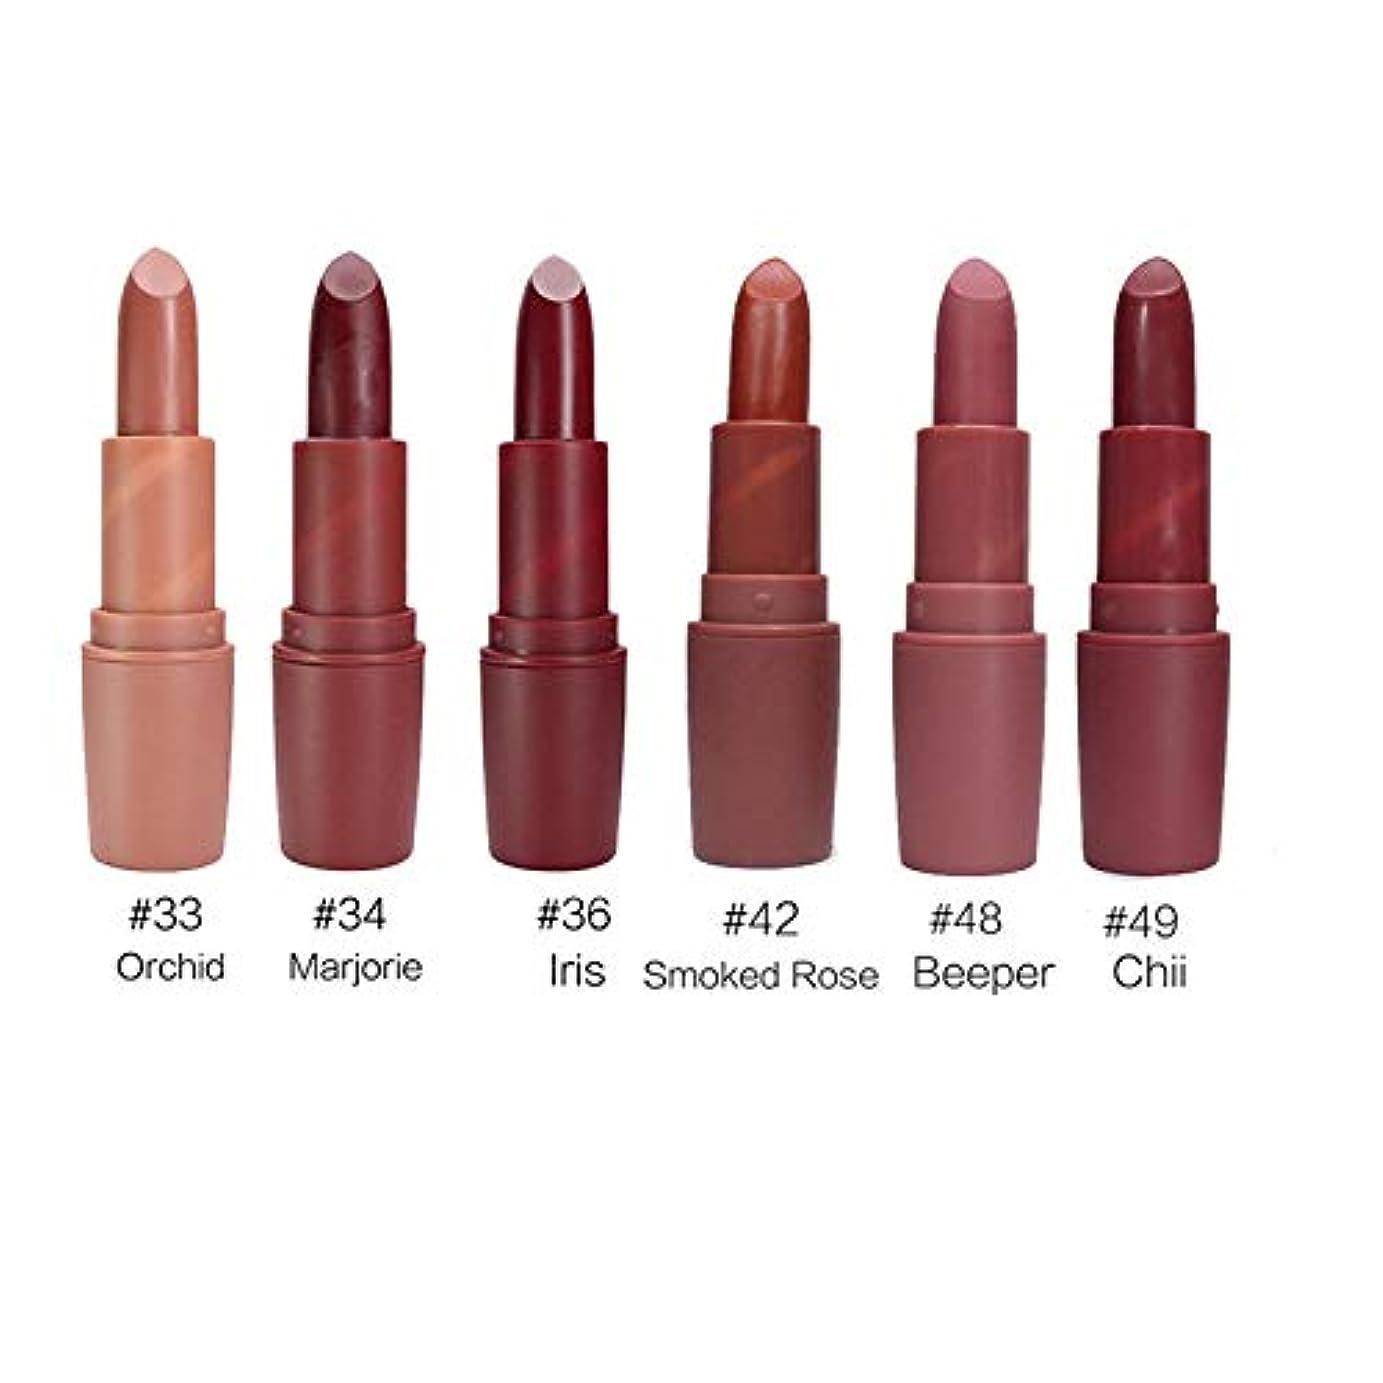 抵抗バンドル毎年6 ピース/セット口紅長期的な防水マットベルベット口紅メイク化粧品の新到着美容メイクアップ口紅